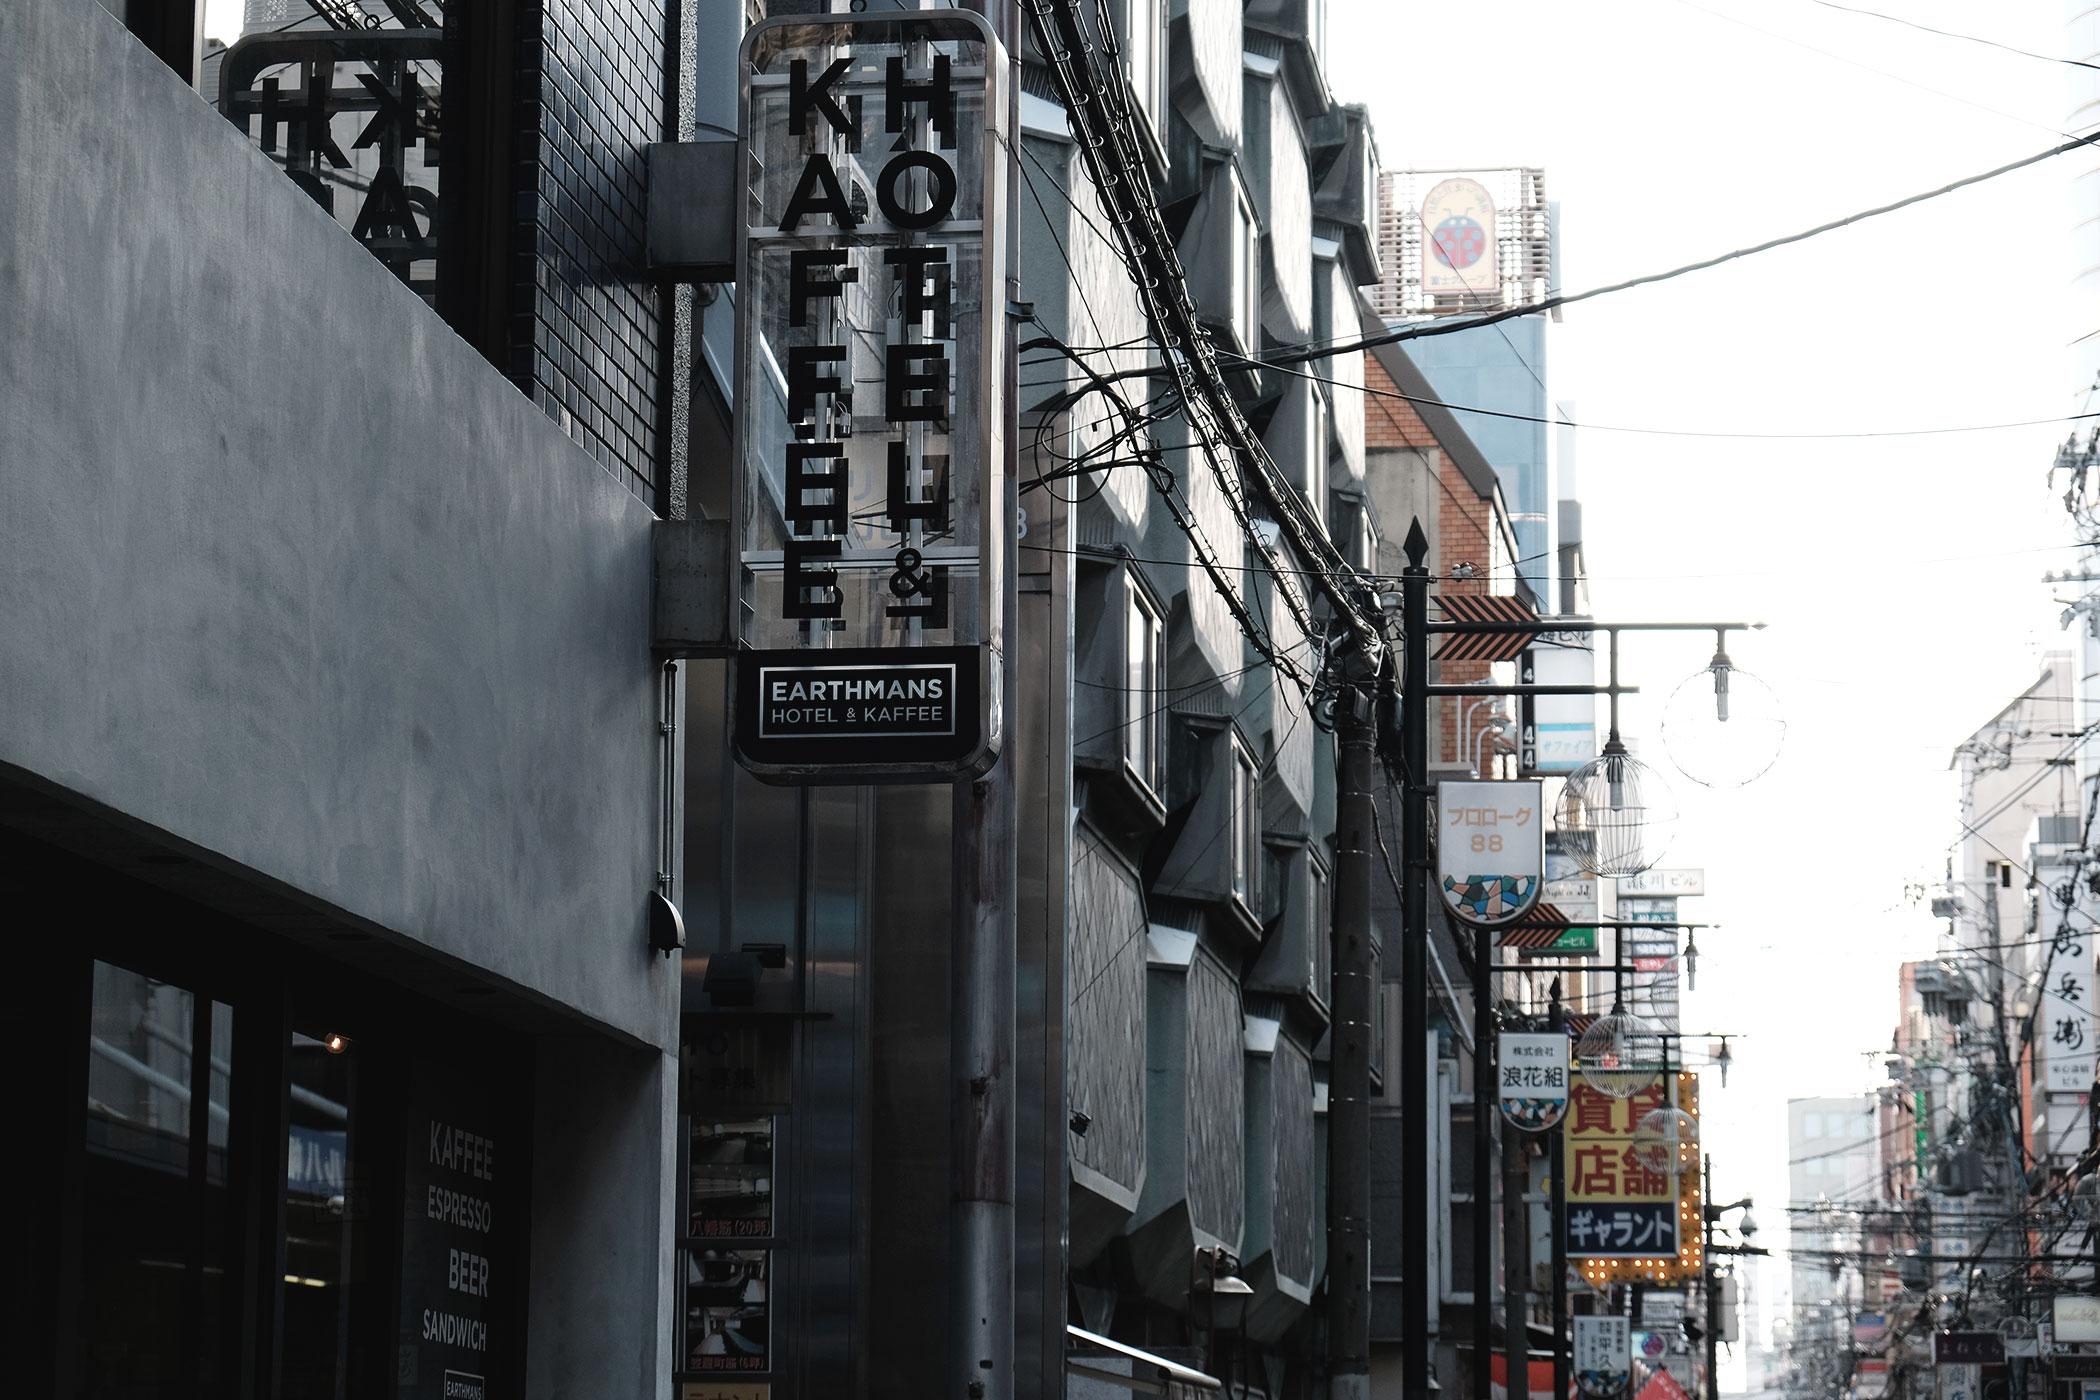 EARTHMANS HOTEL & KAFFEE